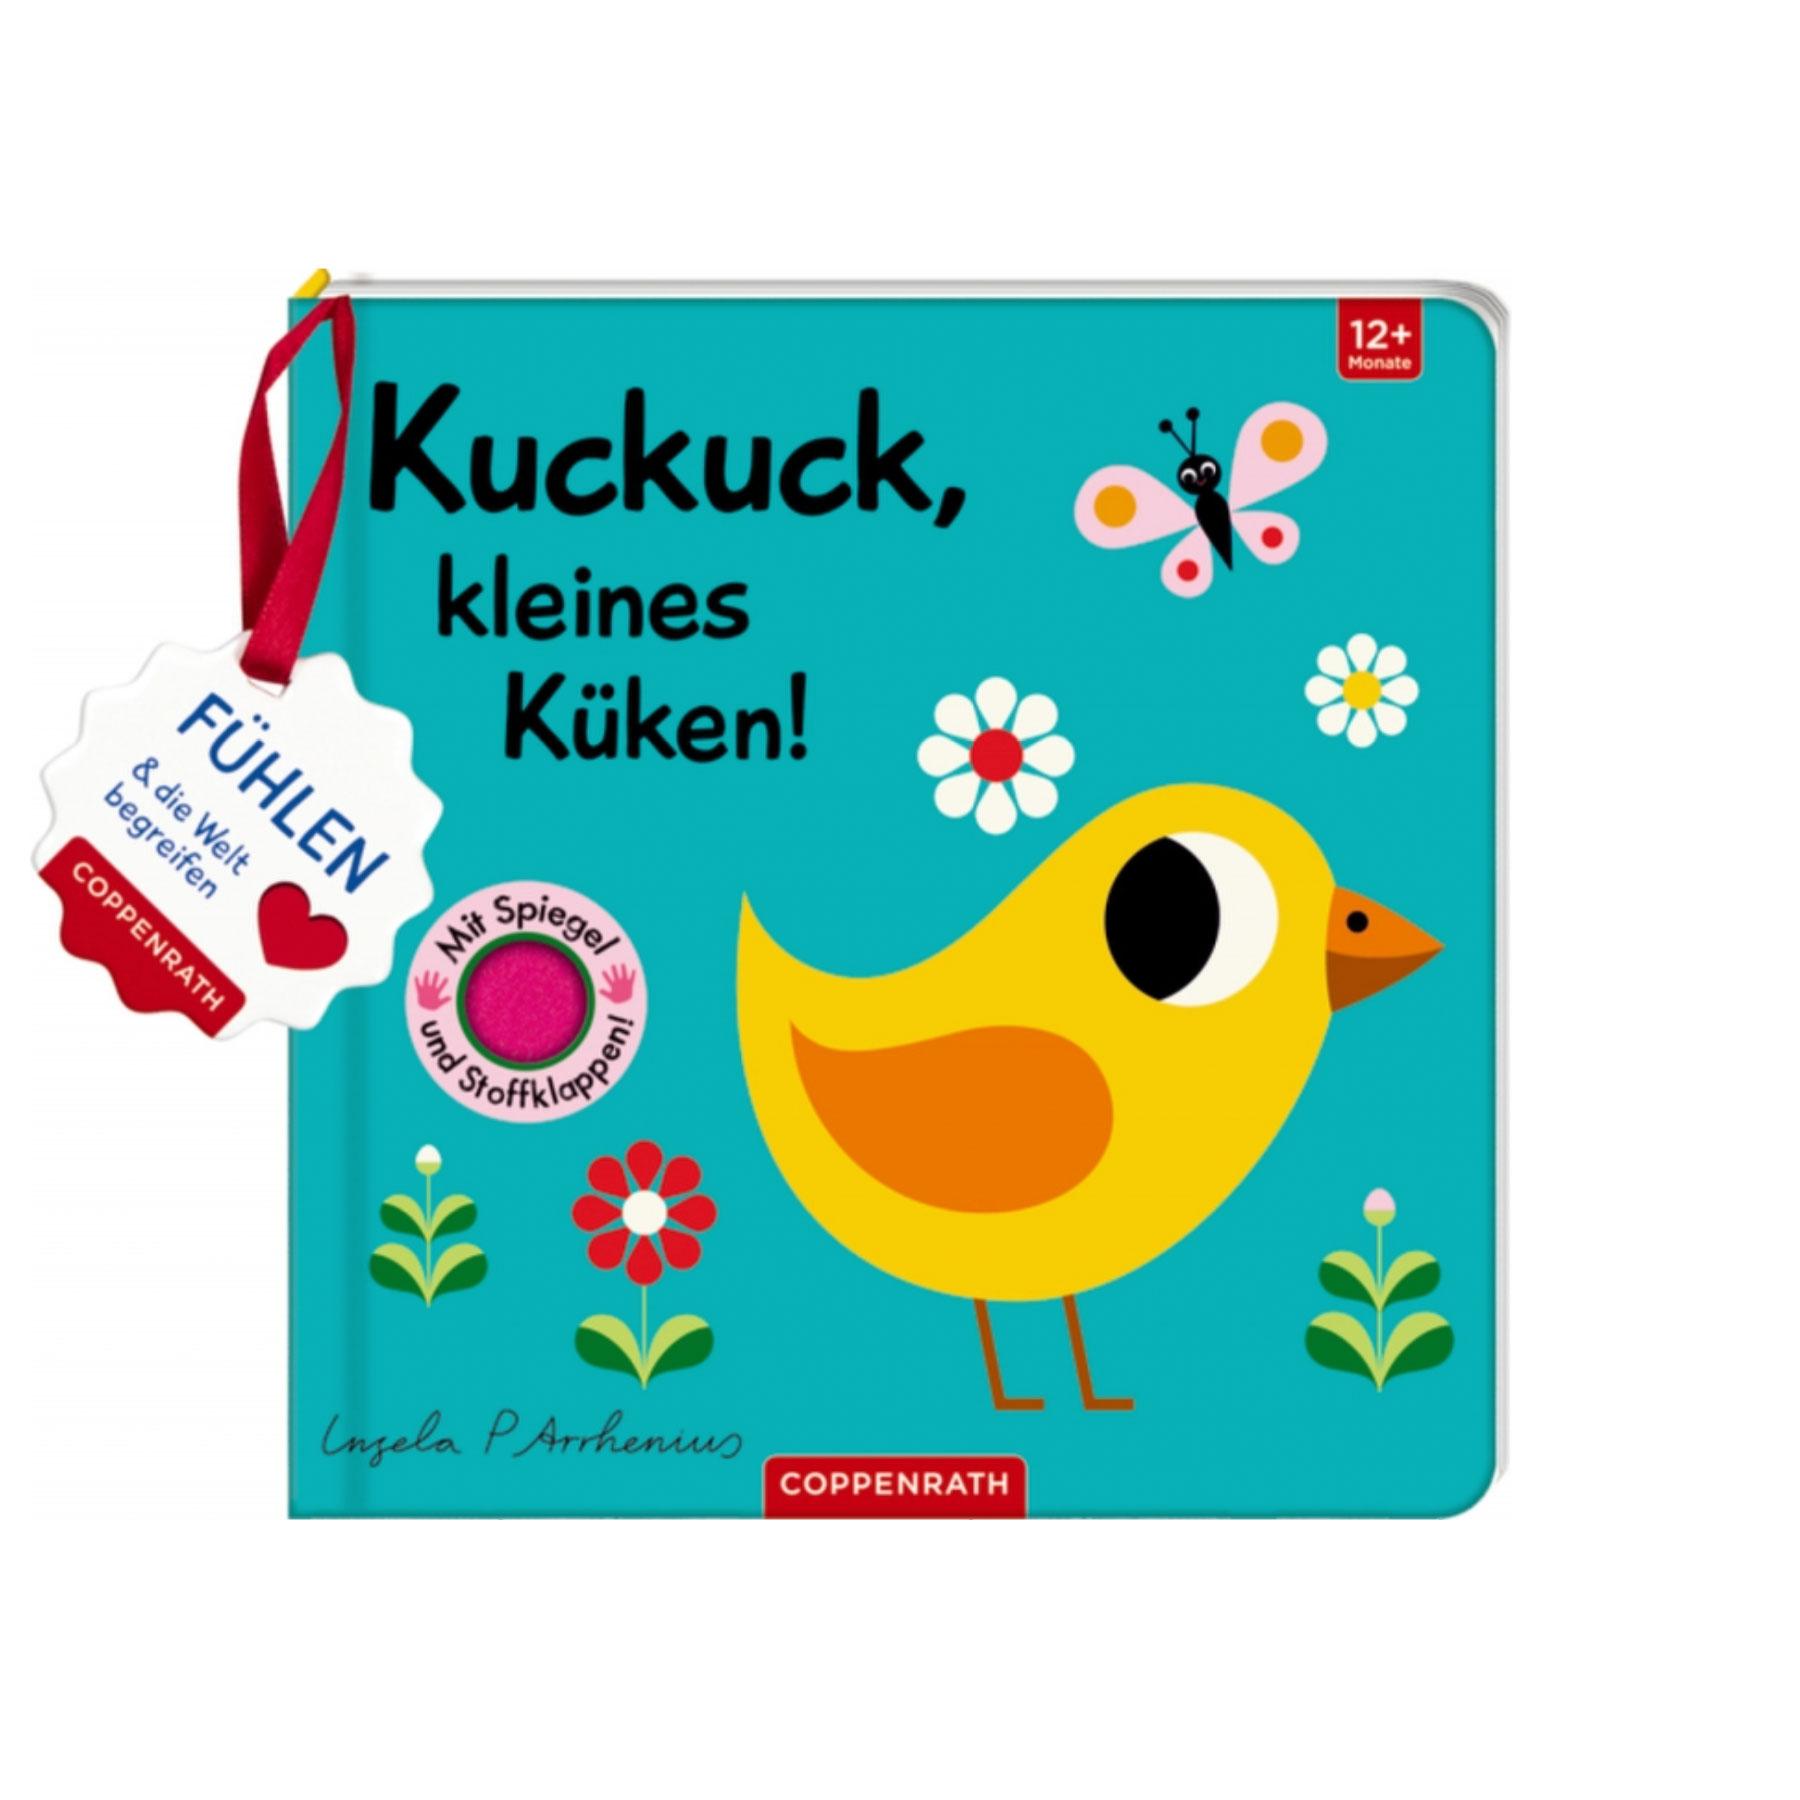 Kuckuck, kleines Küken! ab 1J.